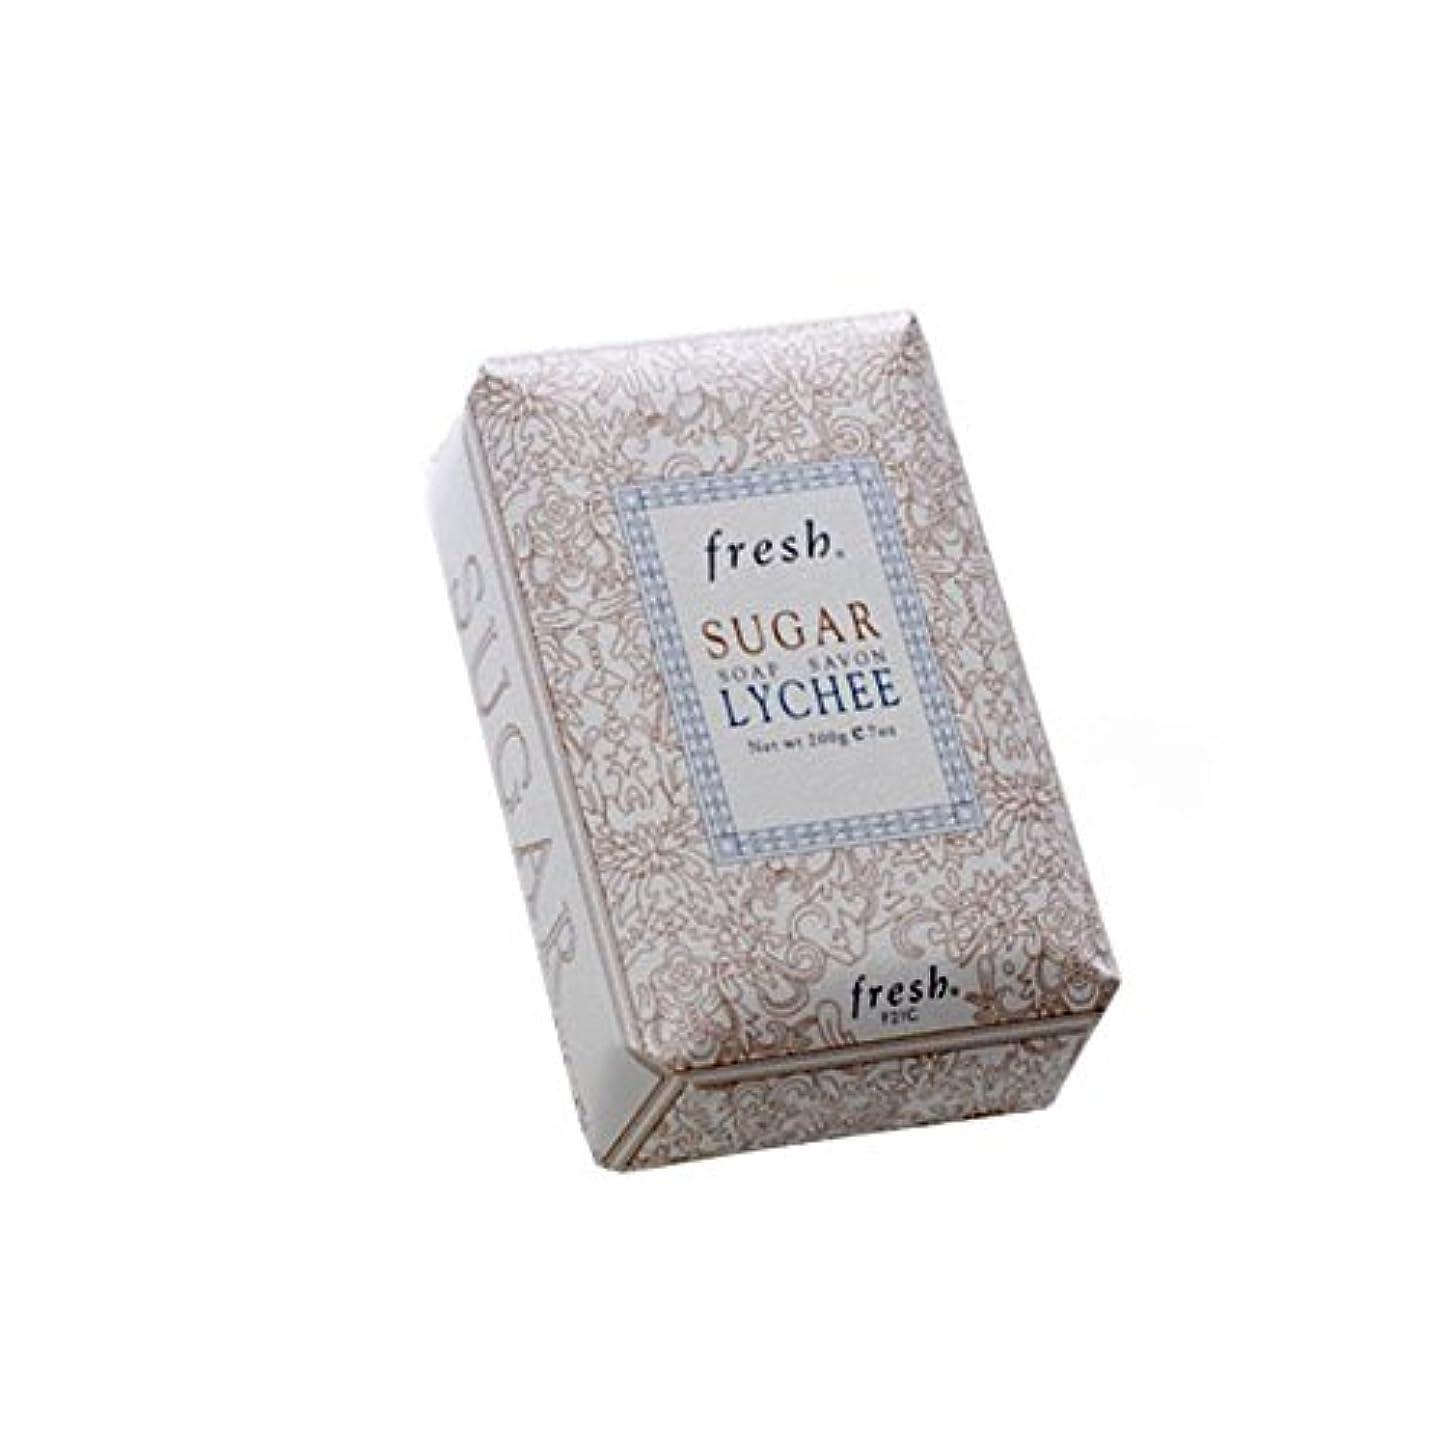 悪性腫瘍輝く所有権Fresh フレッシュ シュガーライチ石鹸 Sugar Lychee Soap, 200g/7oz [海外直送品] [並行輸入品]